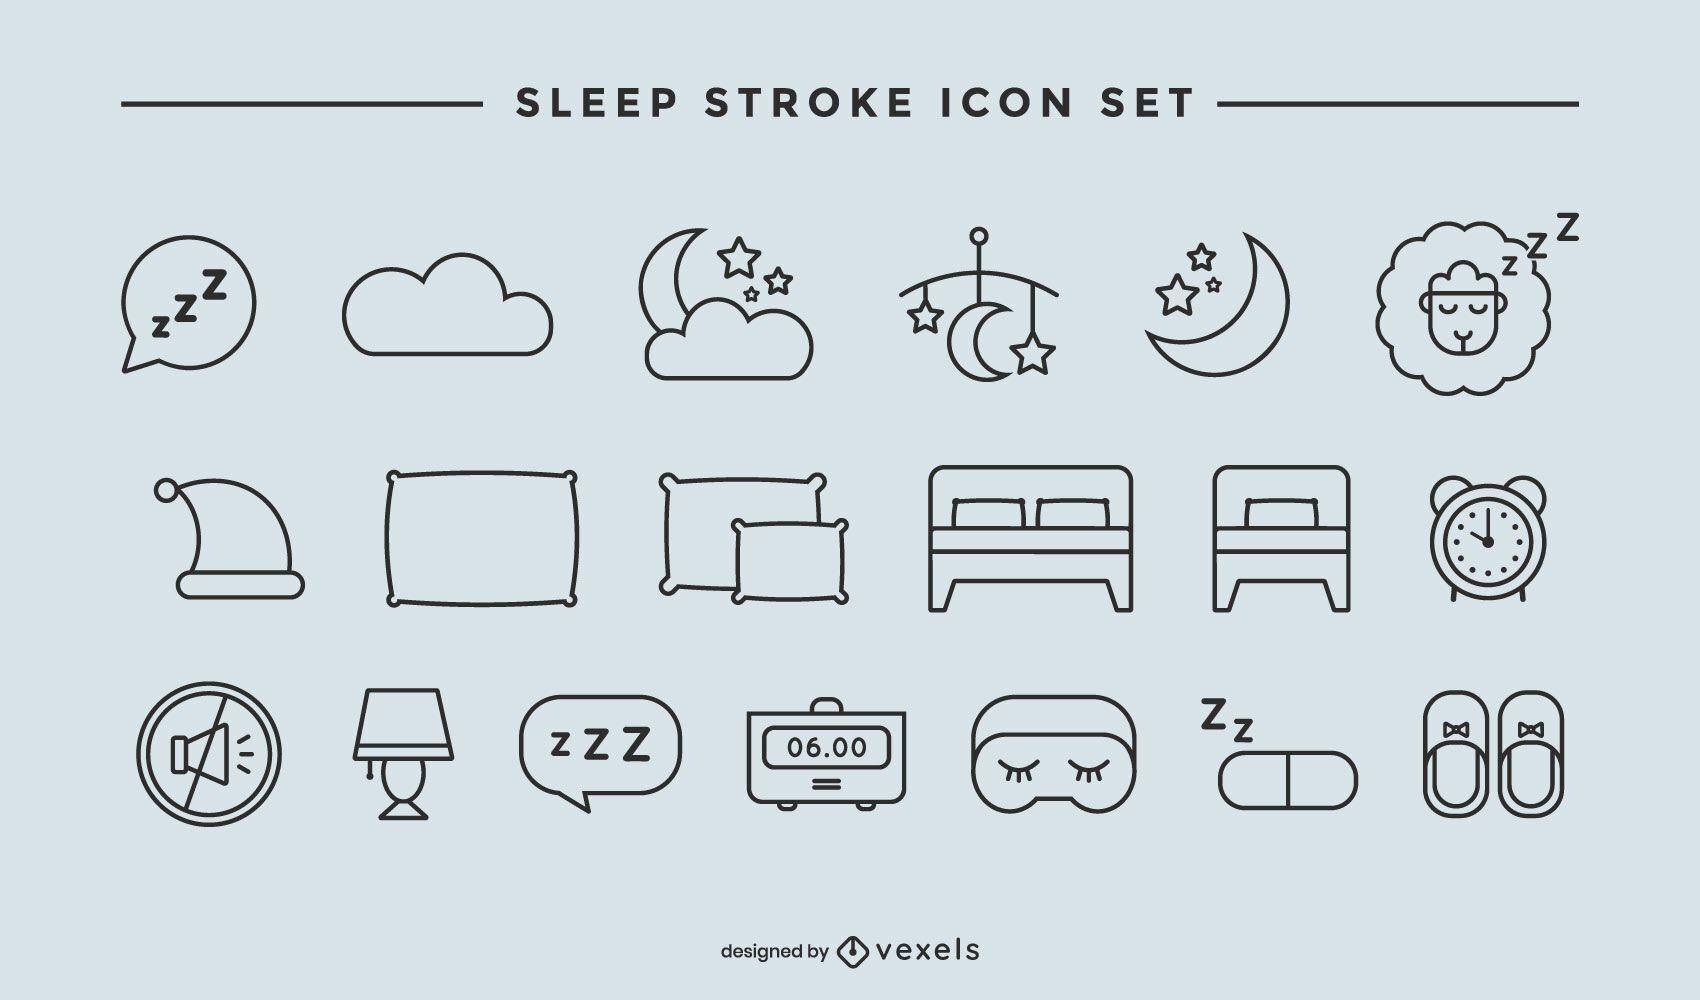 Sleep stroke icon set